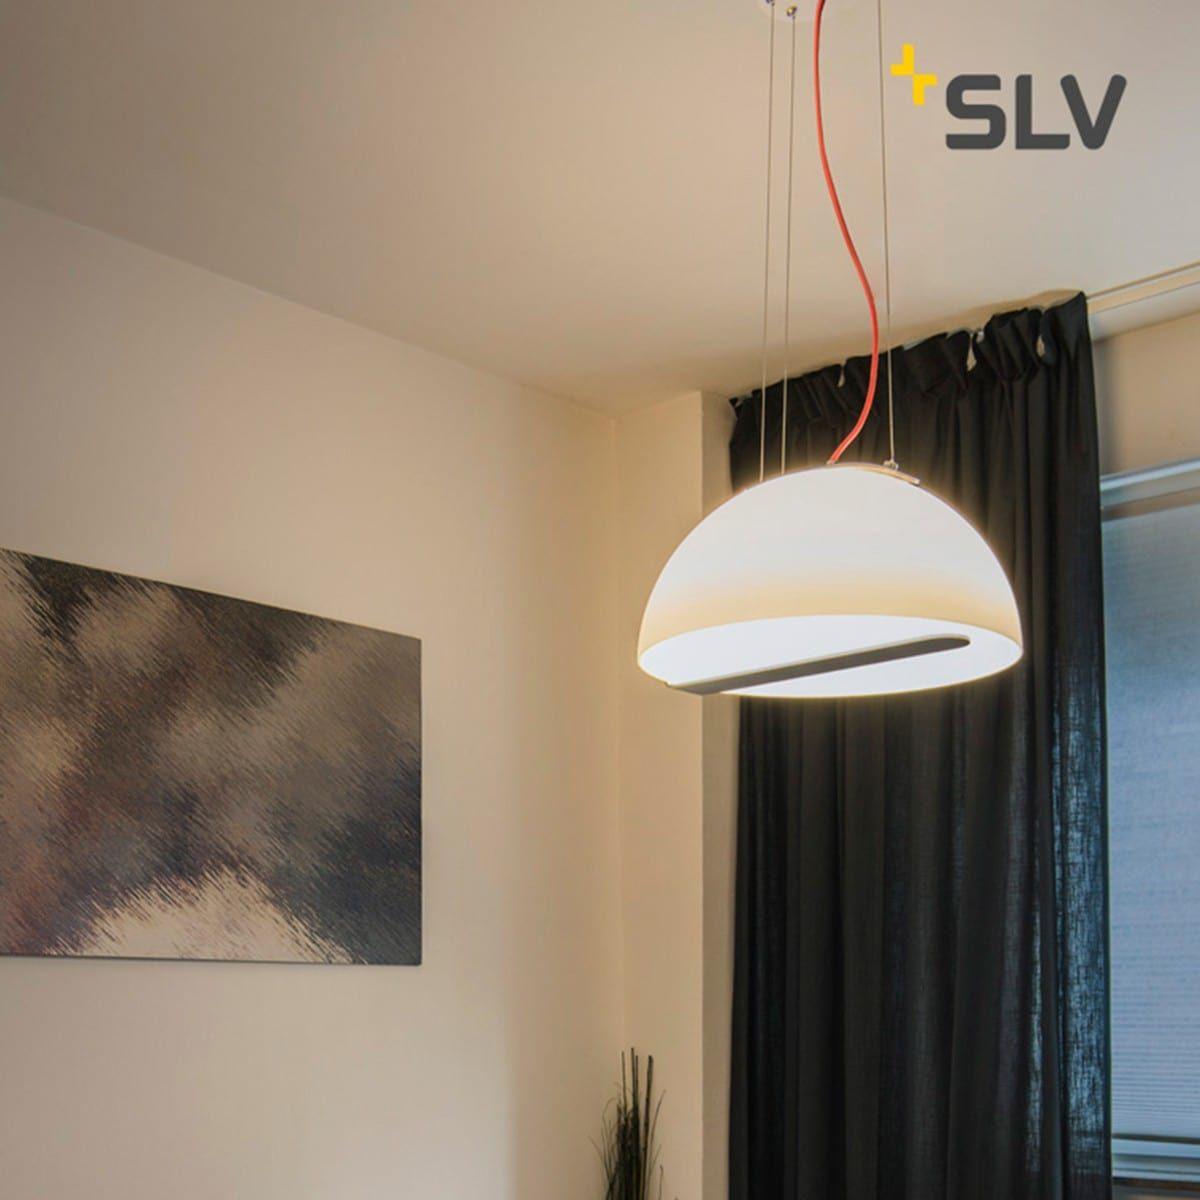 Slv Brenda Pendelleuchte Weiss Silbergrau In 2020 Wohnzimmer Leuchte Led Deckenstrahler Pendelleuchte